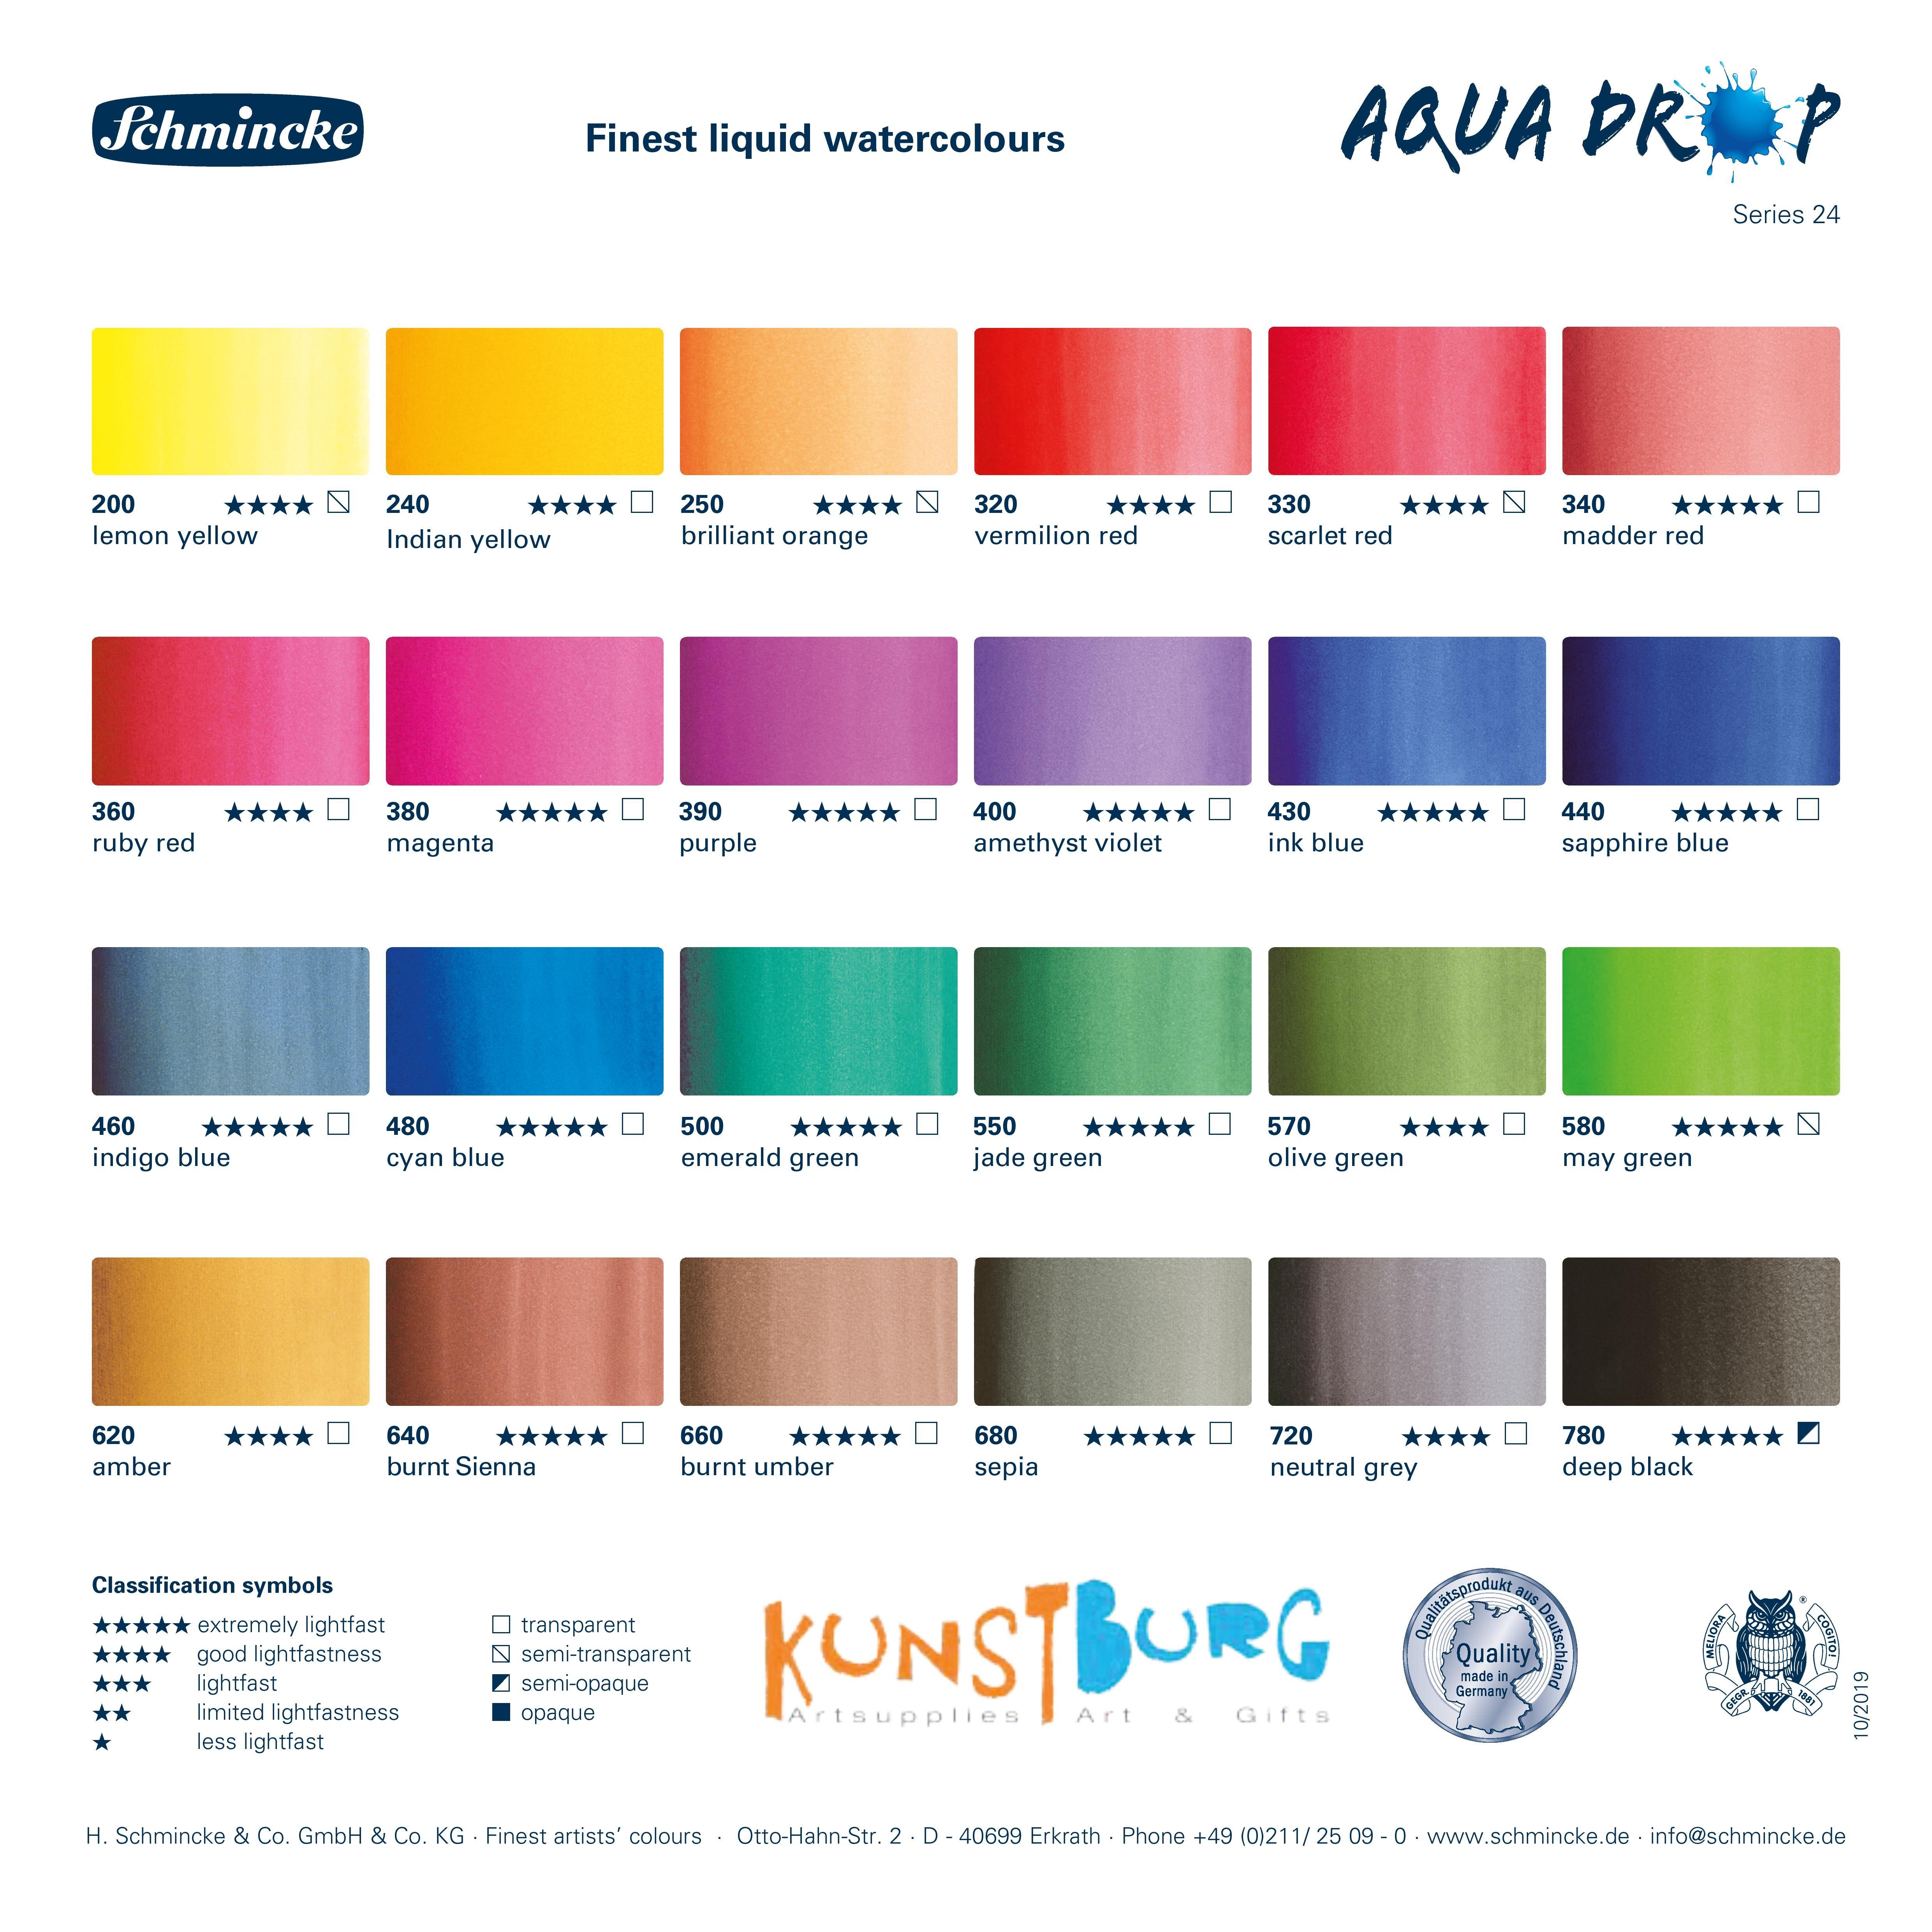 Kleurenkaart voor Aqua Drop van Schmincke. Te koop bij Kunstburg in Doesburg. Kunstburg, kunstenaars in materialen.